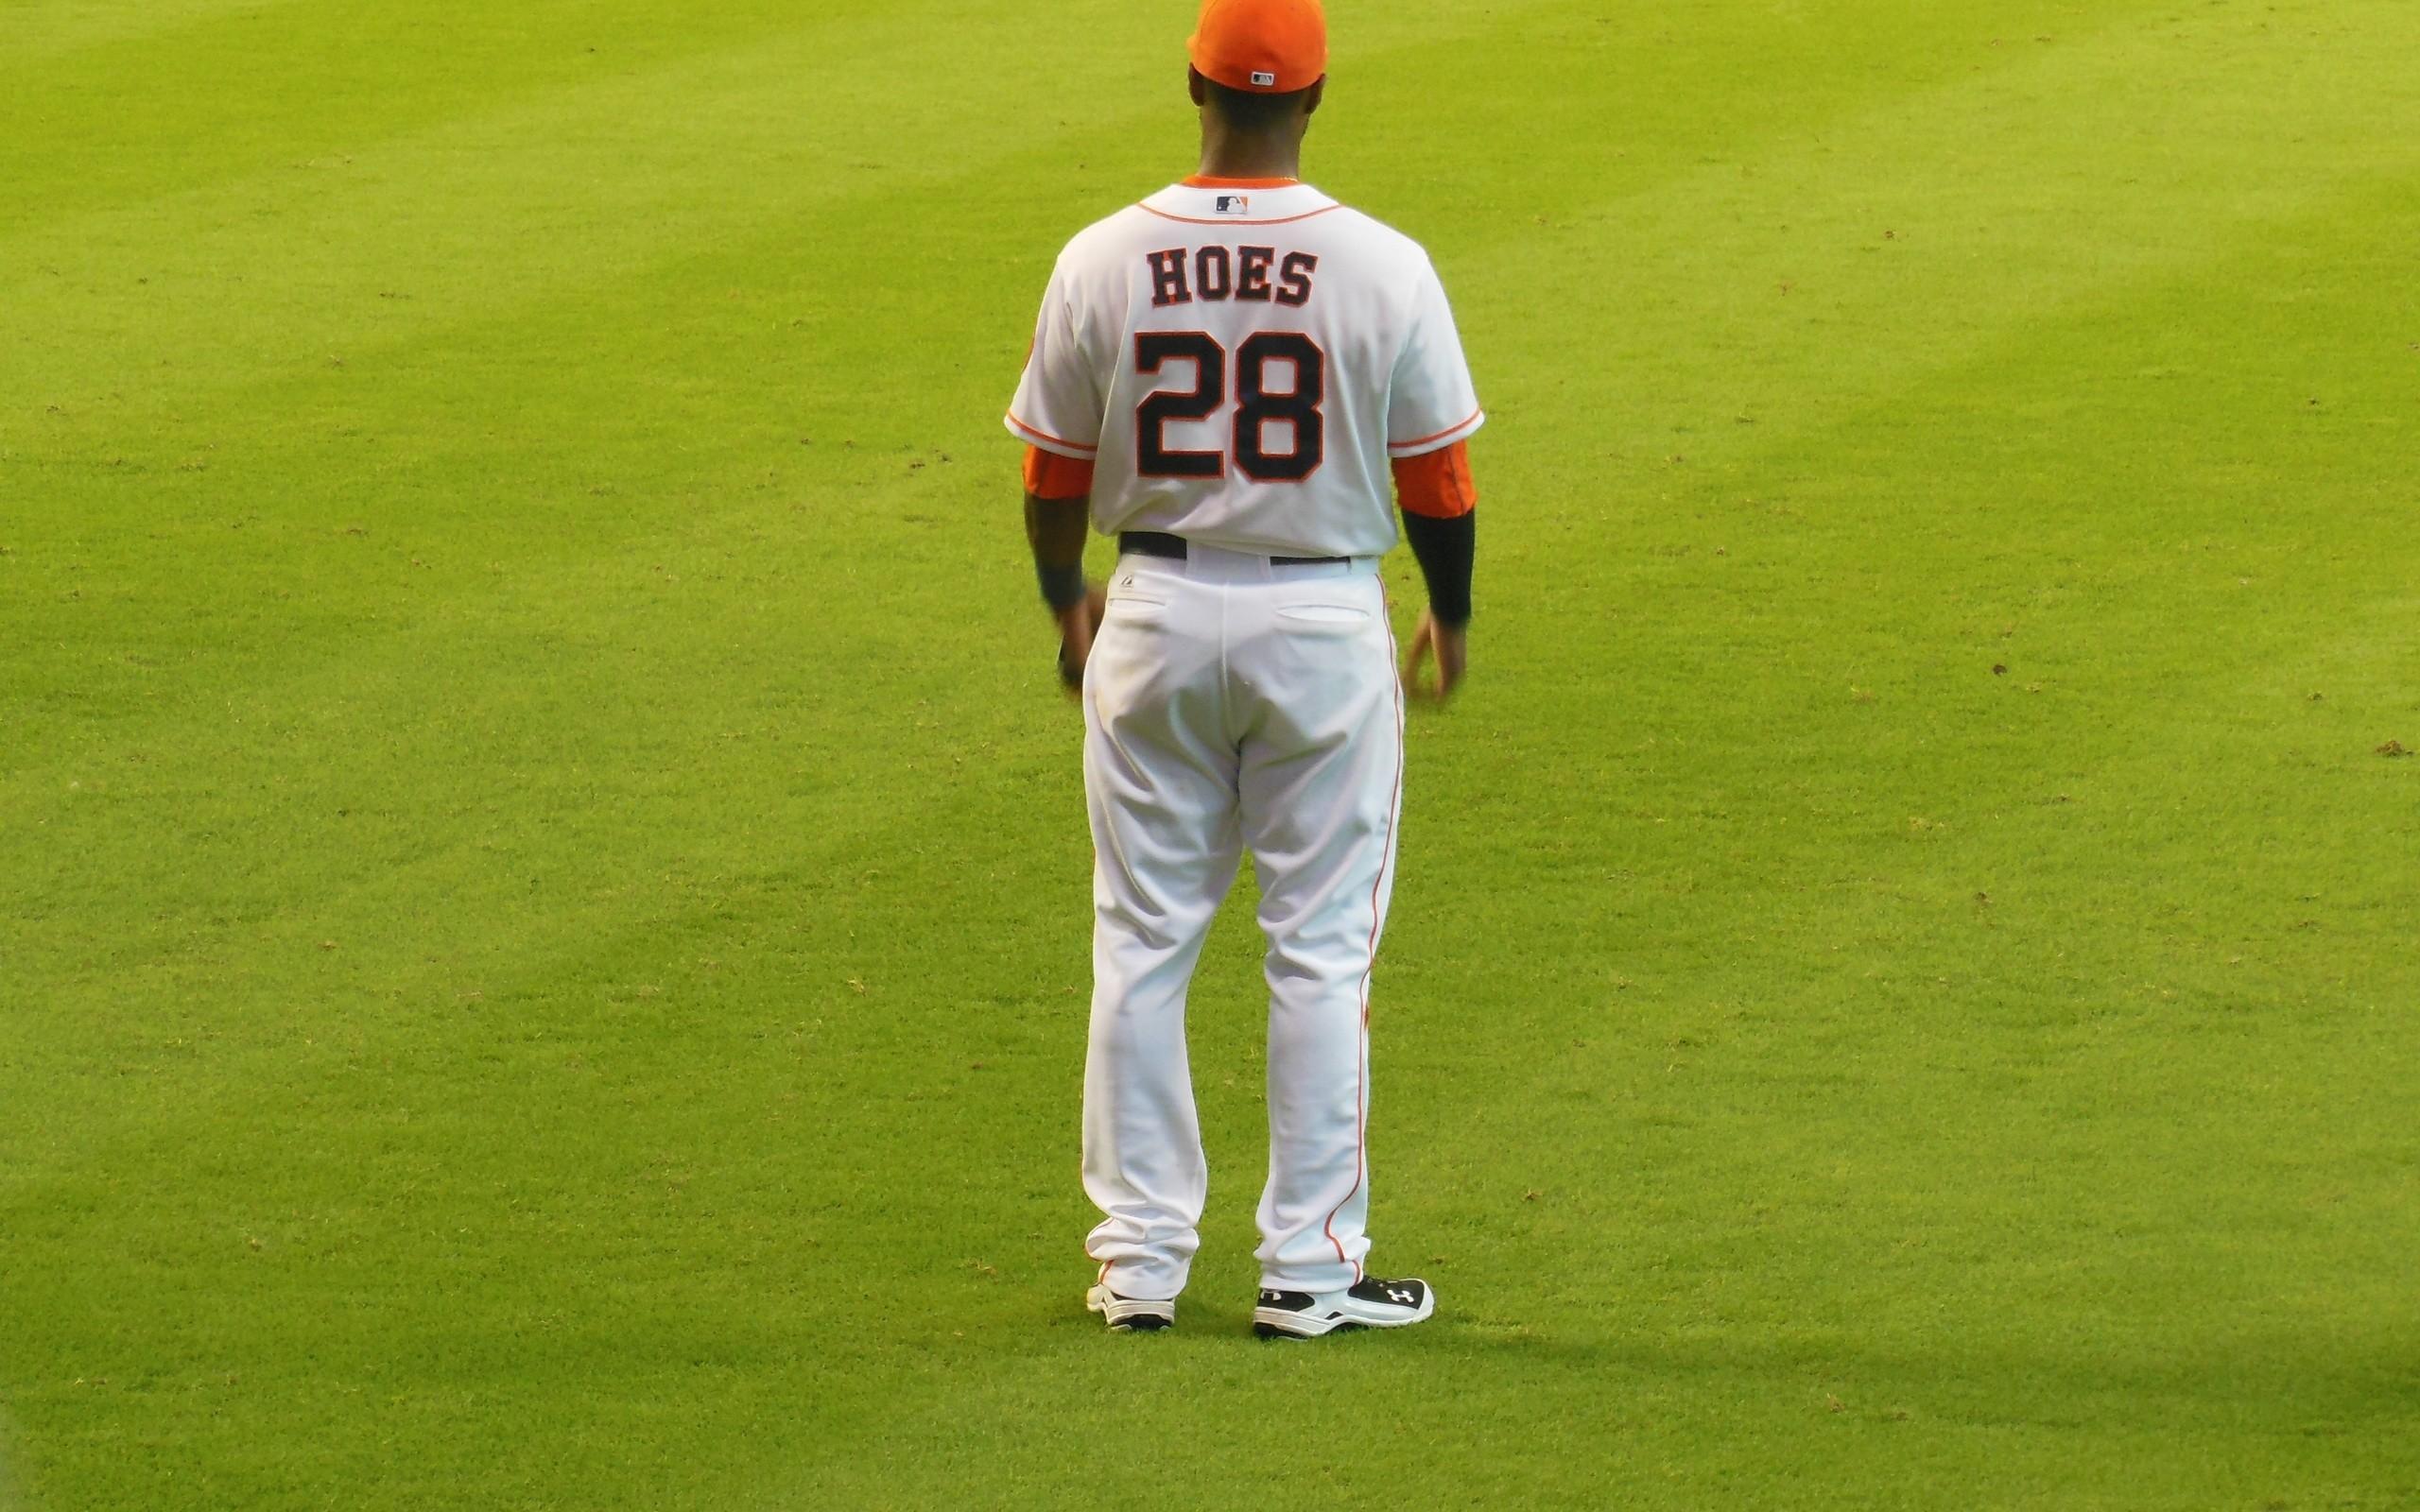 Baseball, Houston Astros Mlb Baseball Player, Sports, Mlb, Houston Astros,  Pitcher